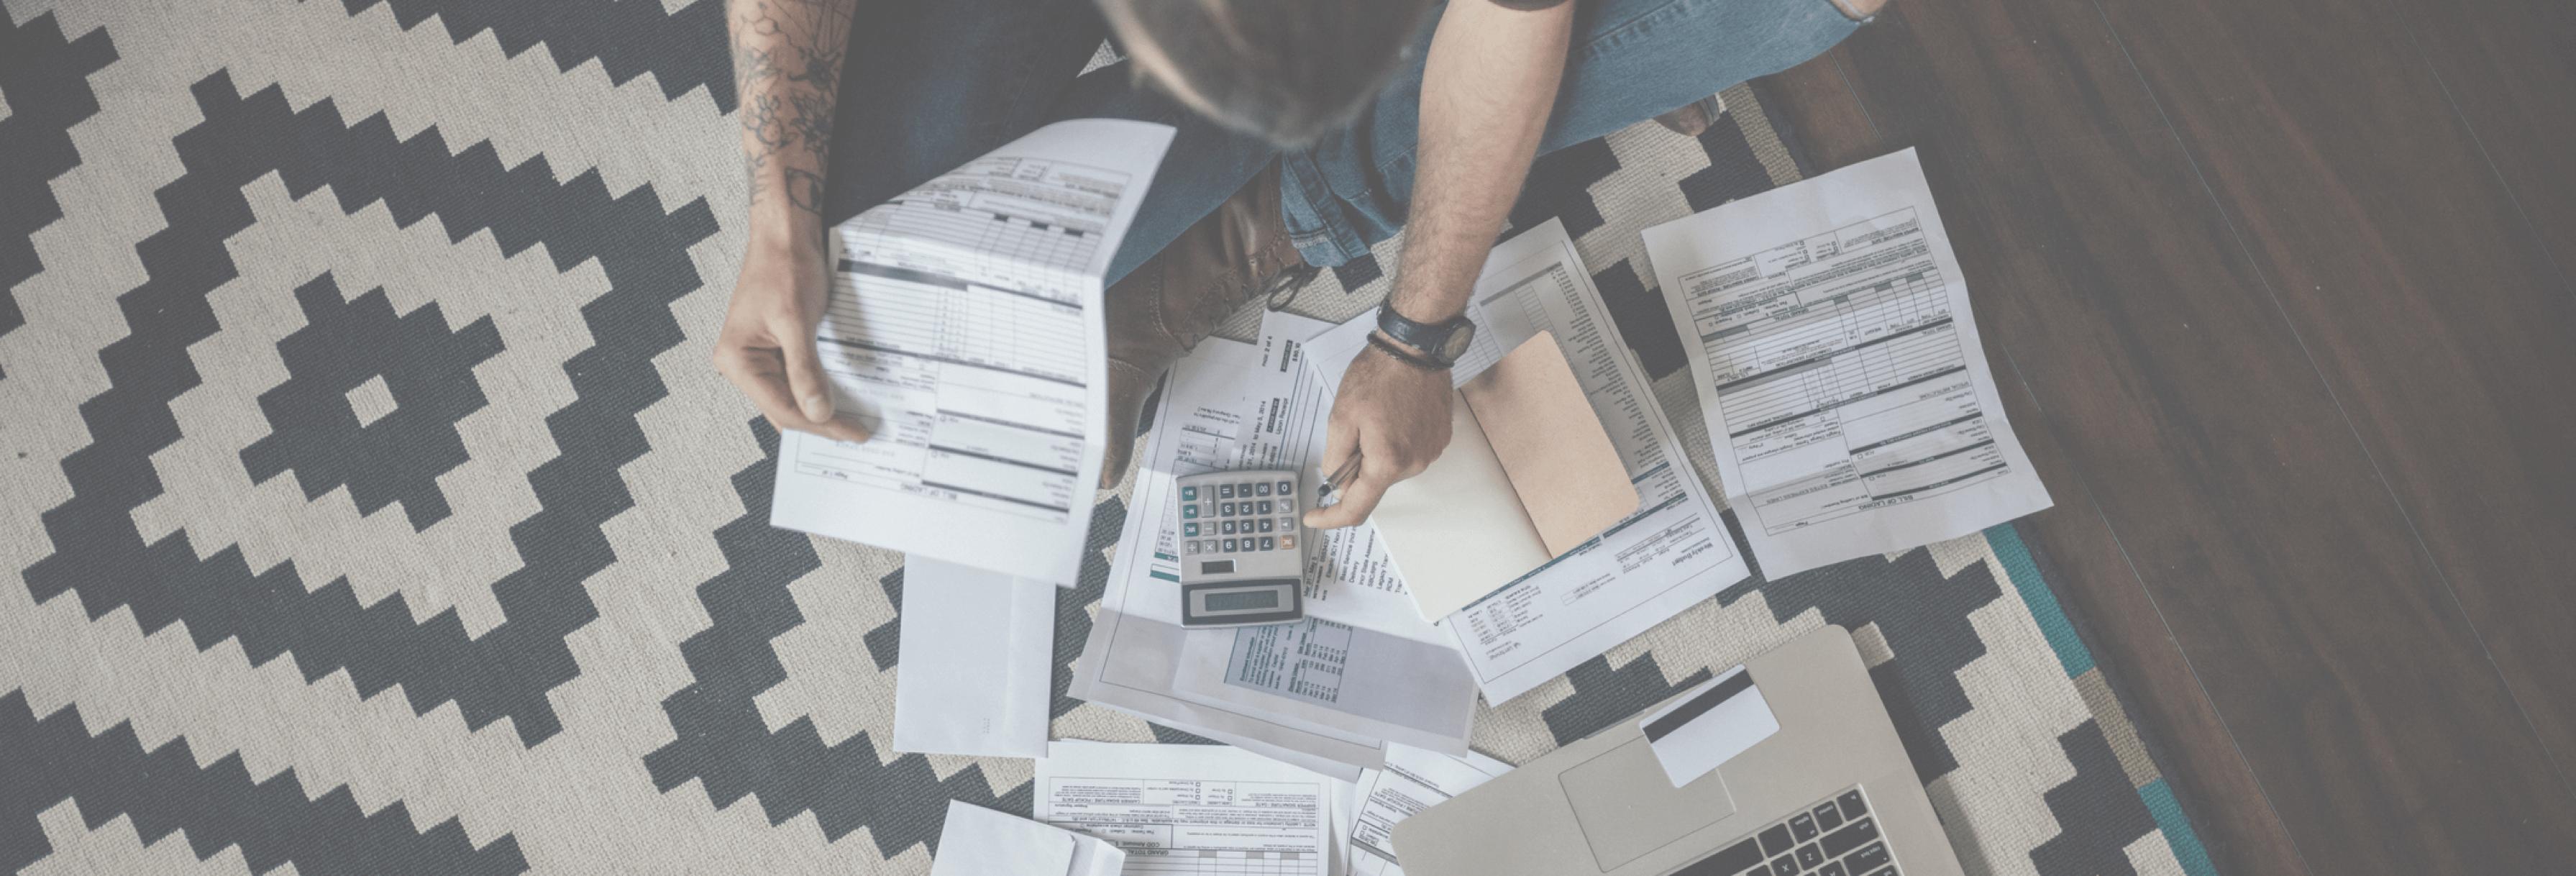 millennial debt